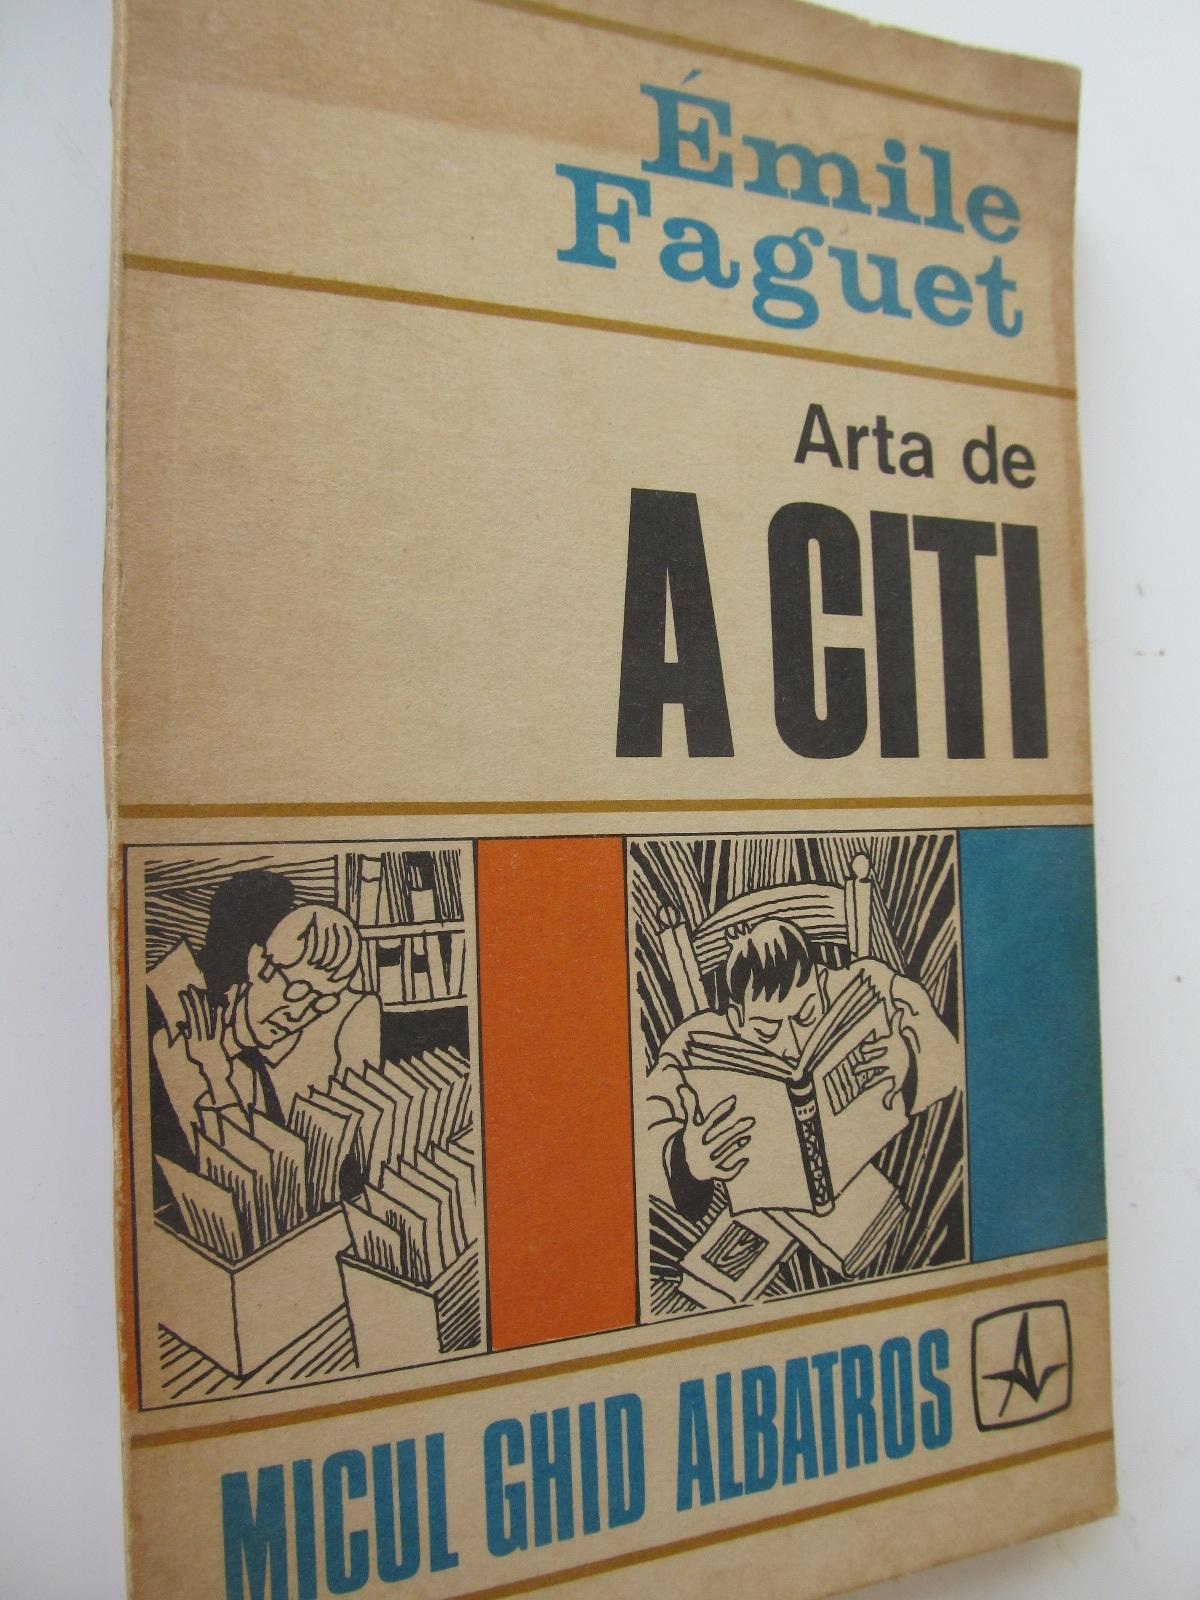 Arta de a citi - Emile Faguet | Detalii carte